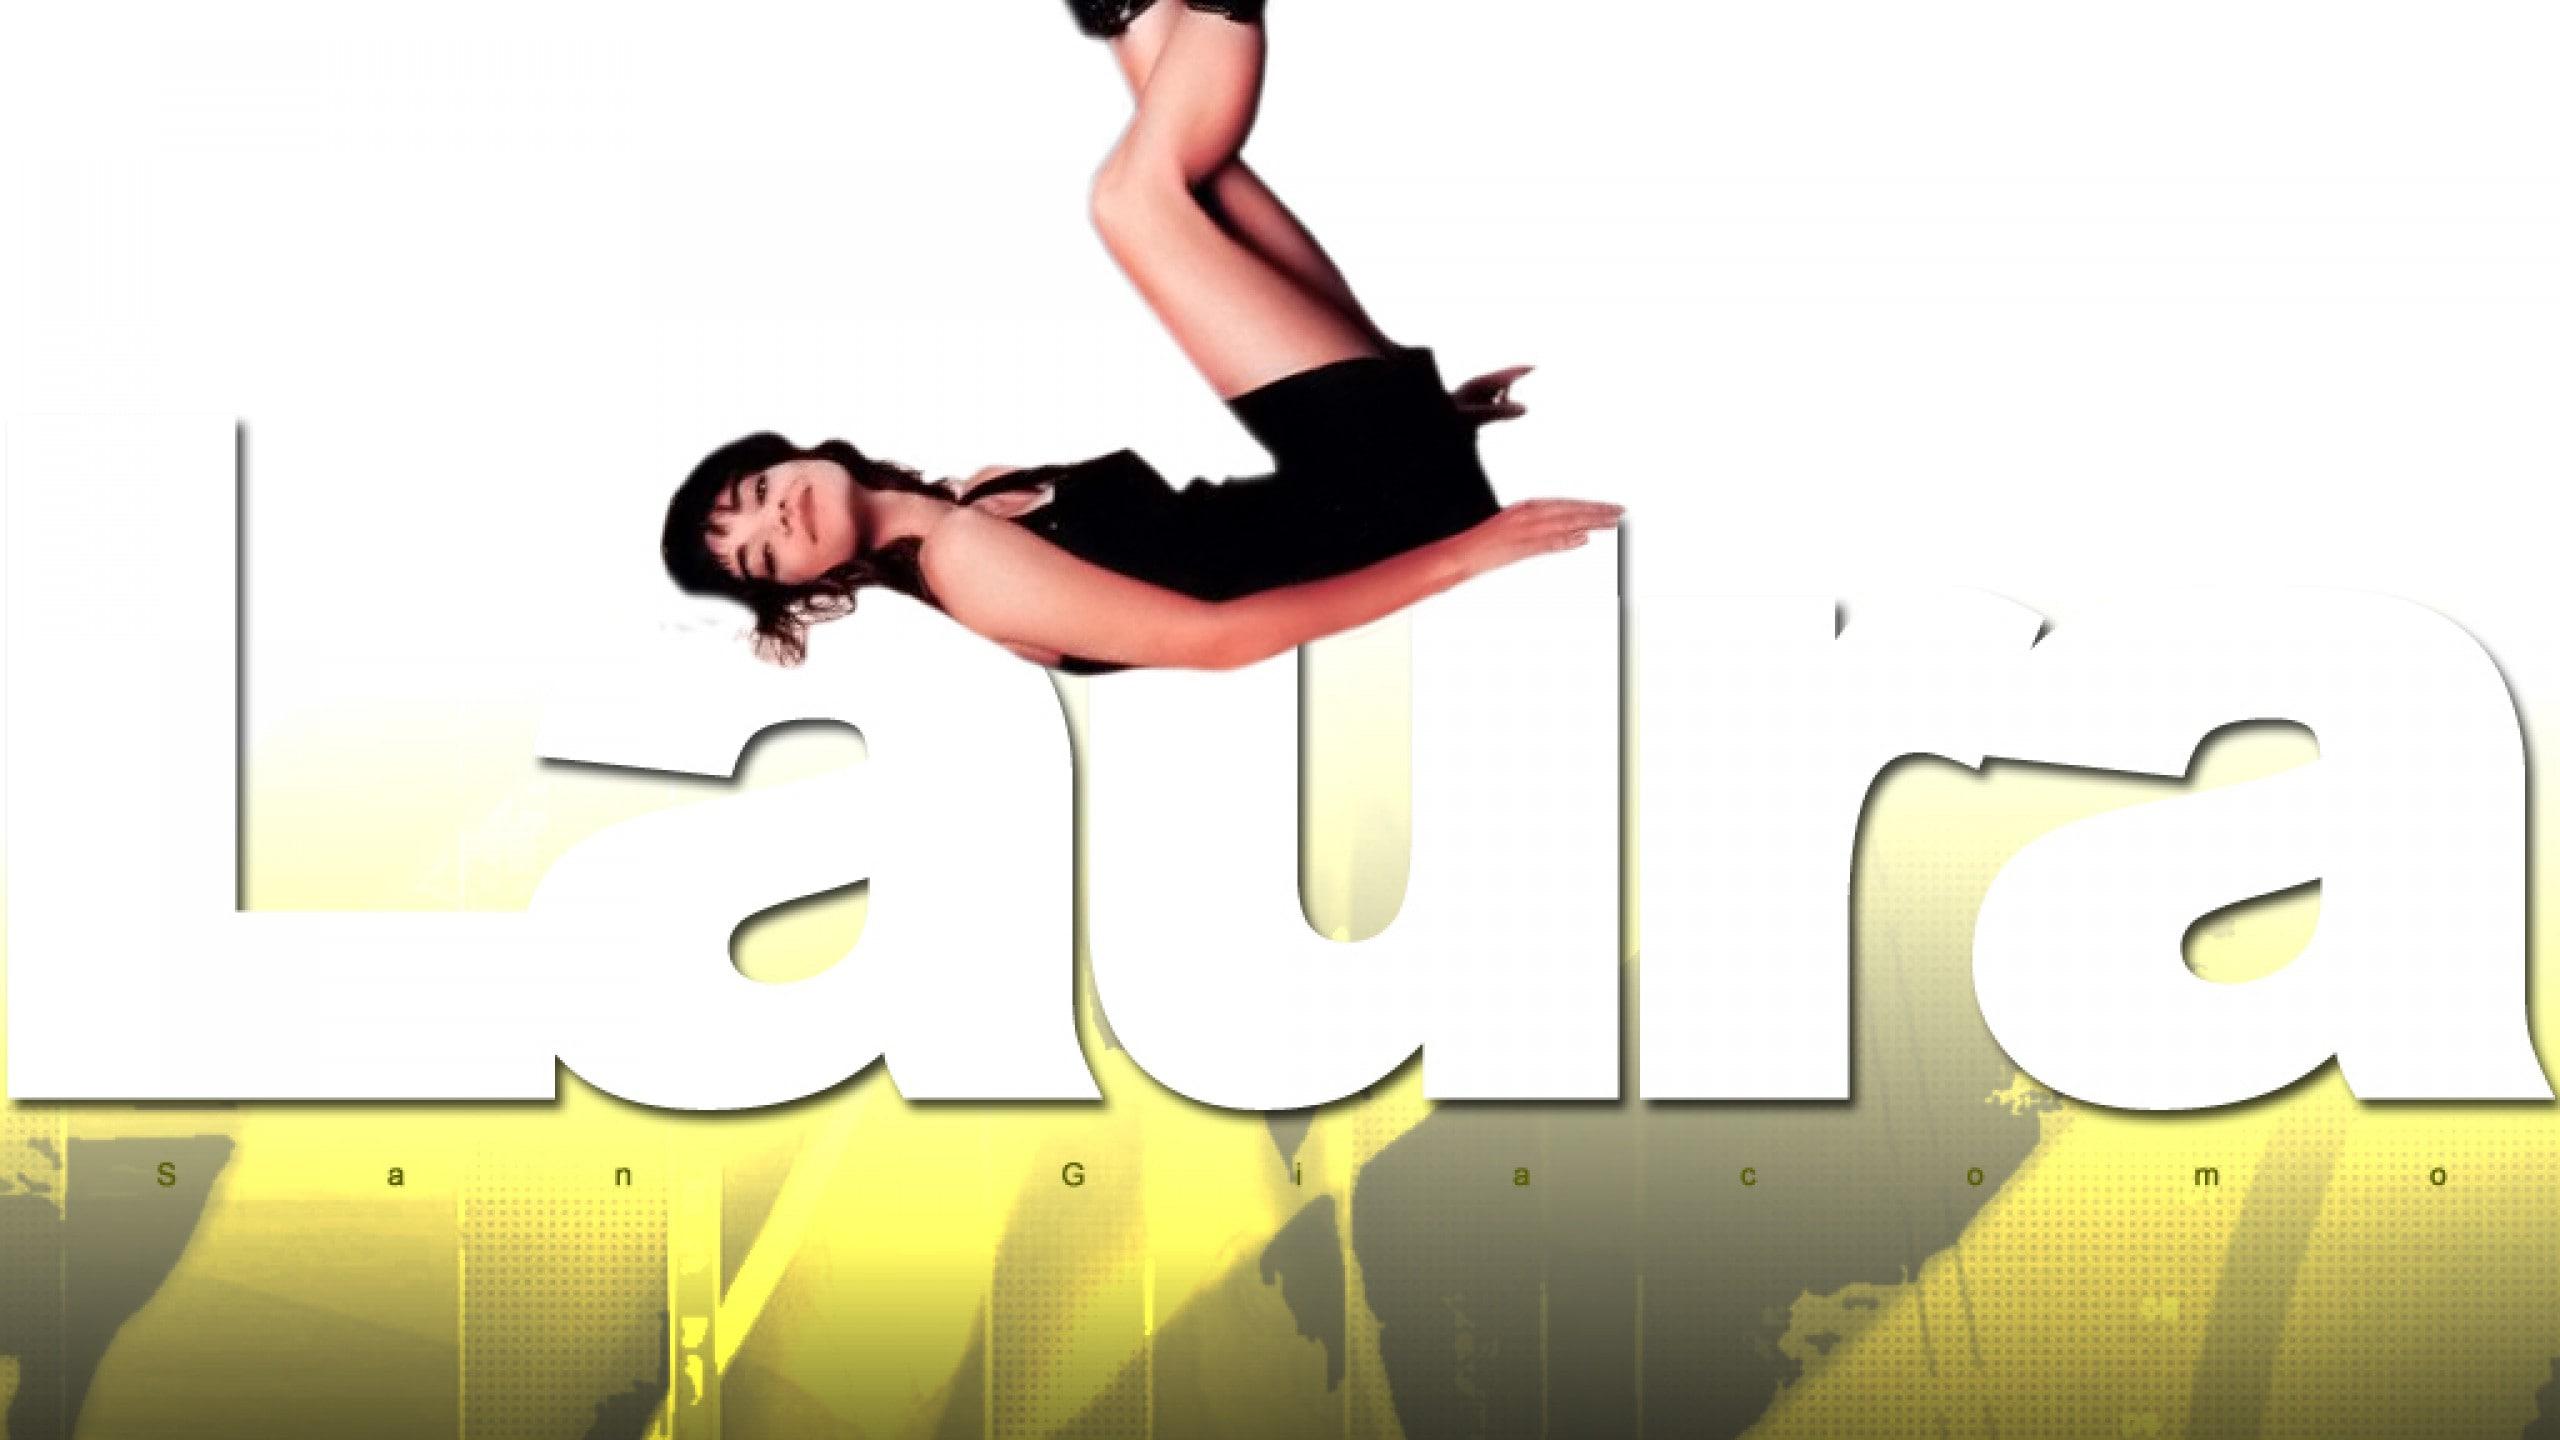 Laura San Giacomo Desktop wallpaper